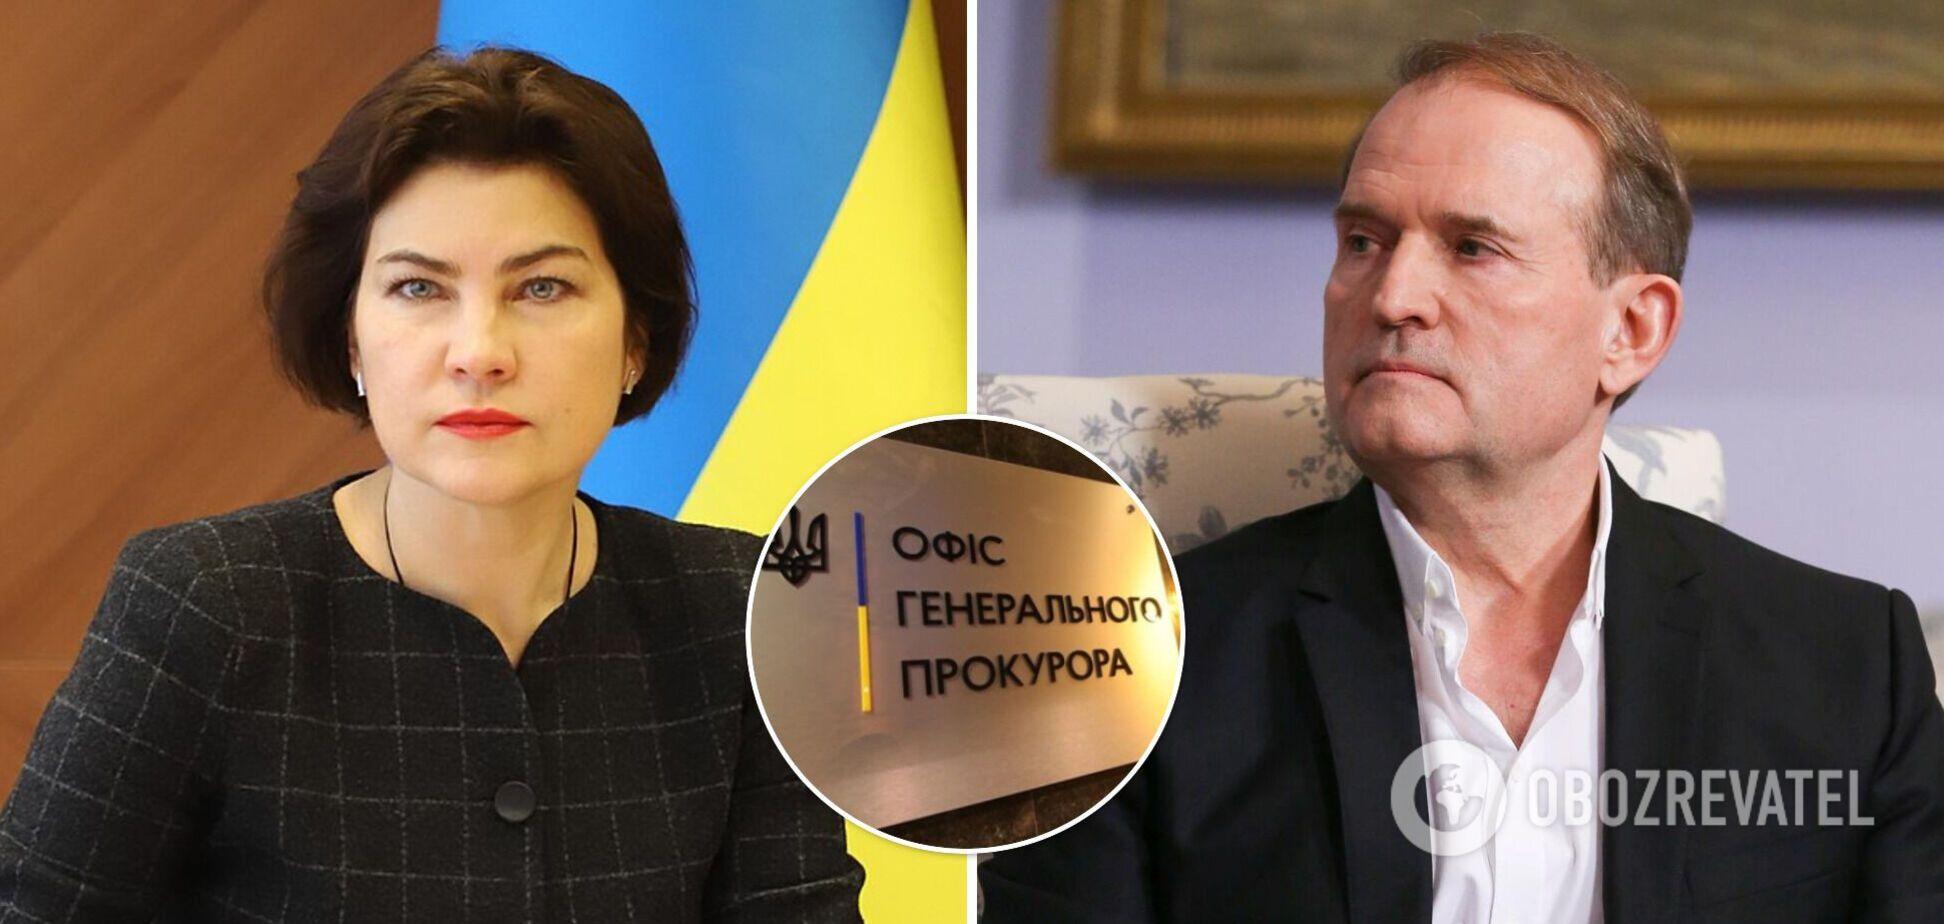 Венедиктова рассказала, что будет с делами, где фигурирует Медведчук